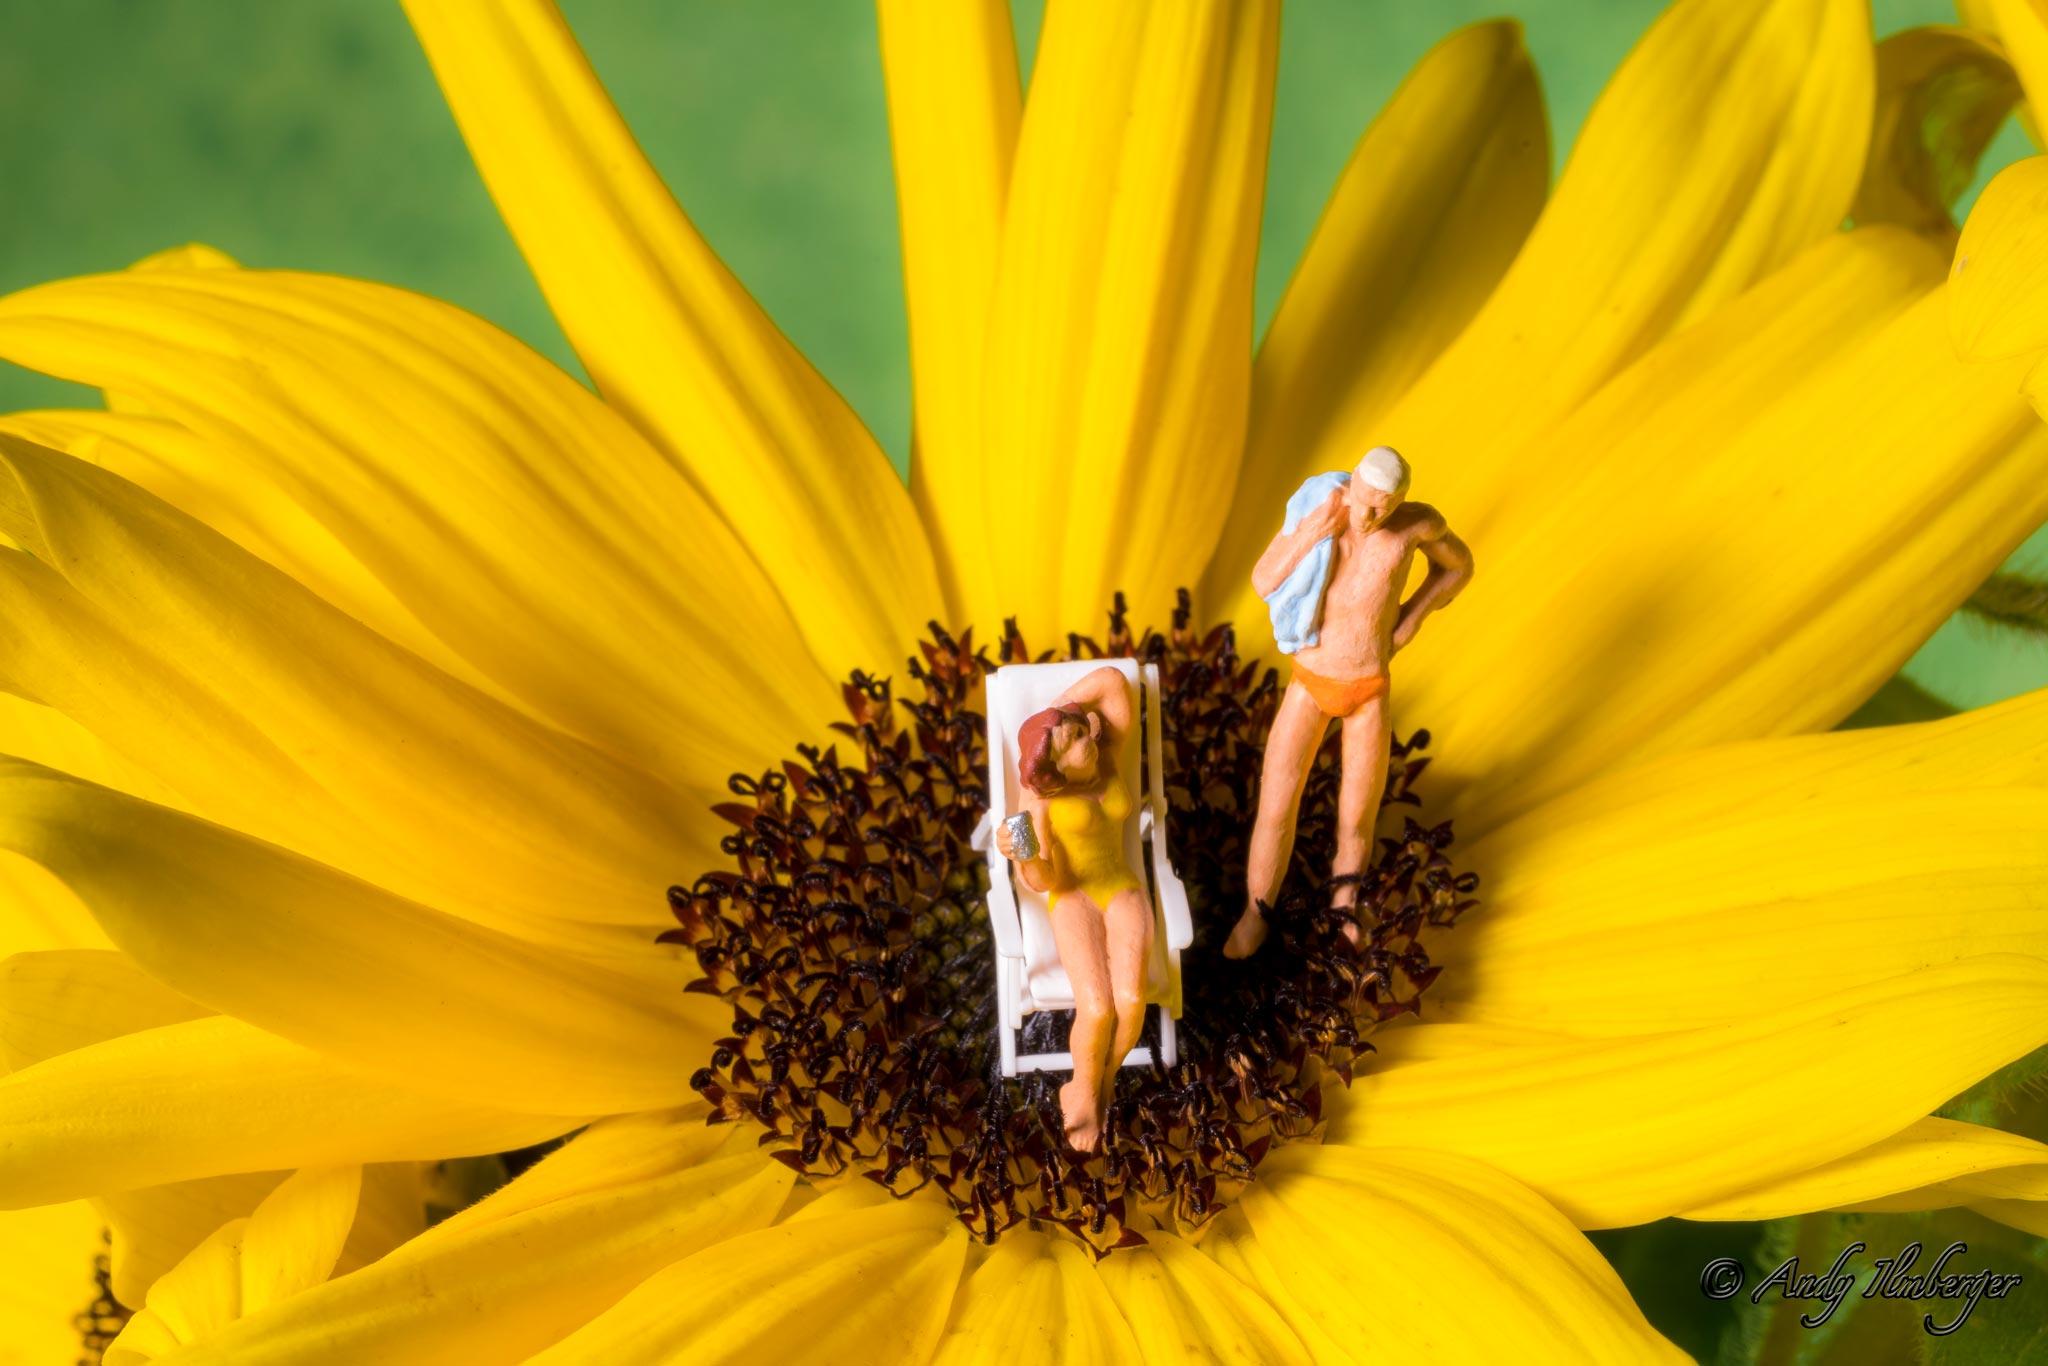 H0-Helden - Sonnenblumenbad - H0-Figuren in Szene gesetzt von © Andy Ilmberger im Kleine-Helden.Club